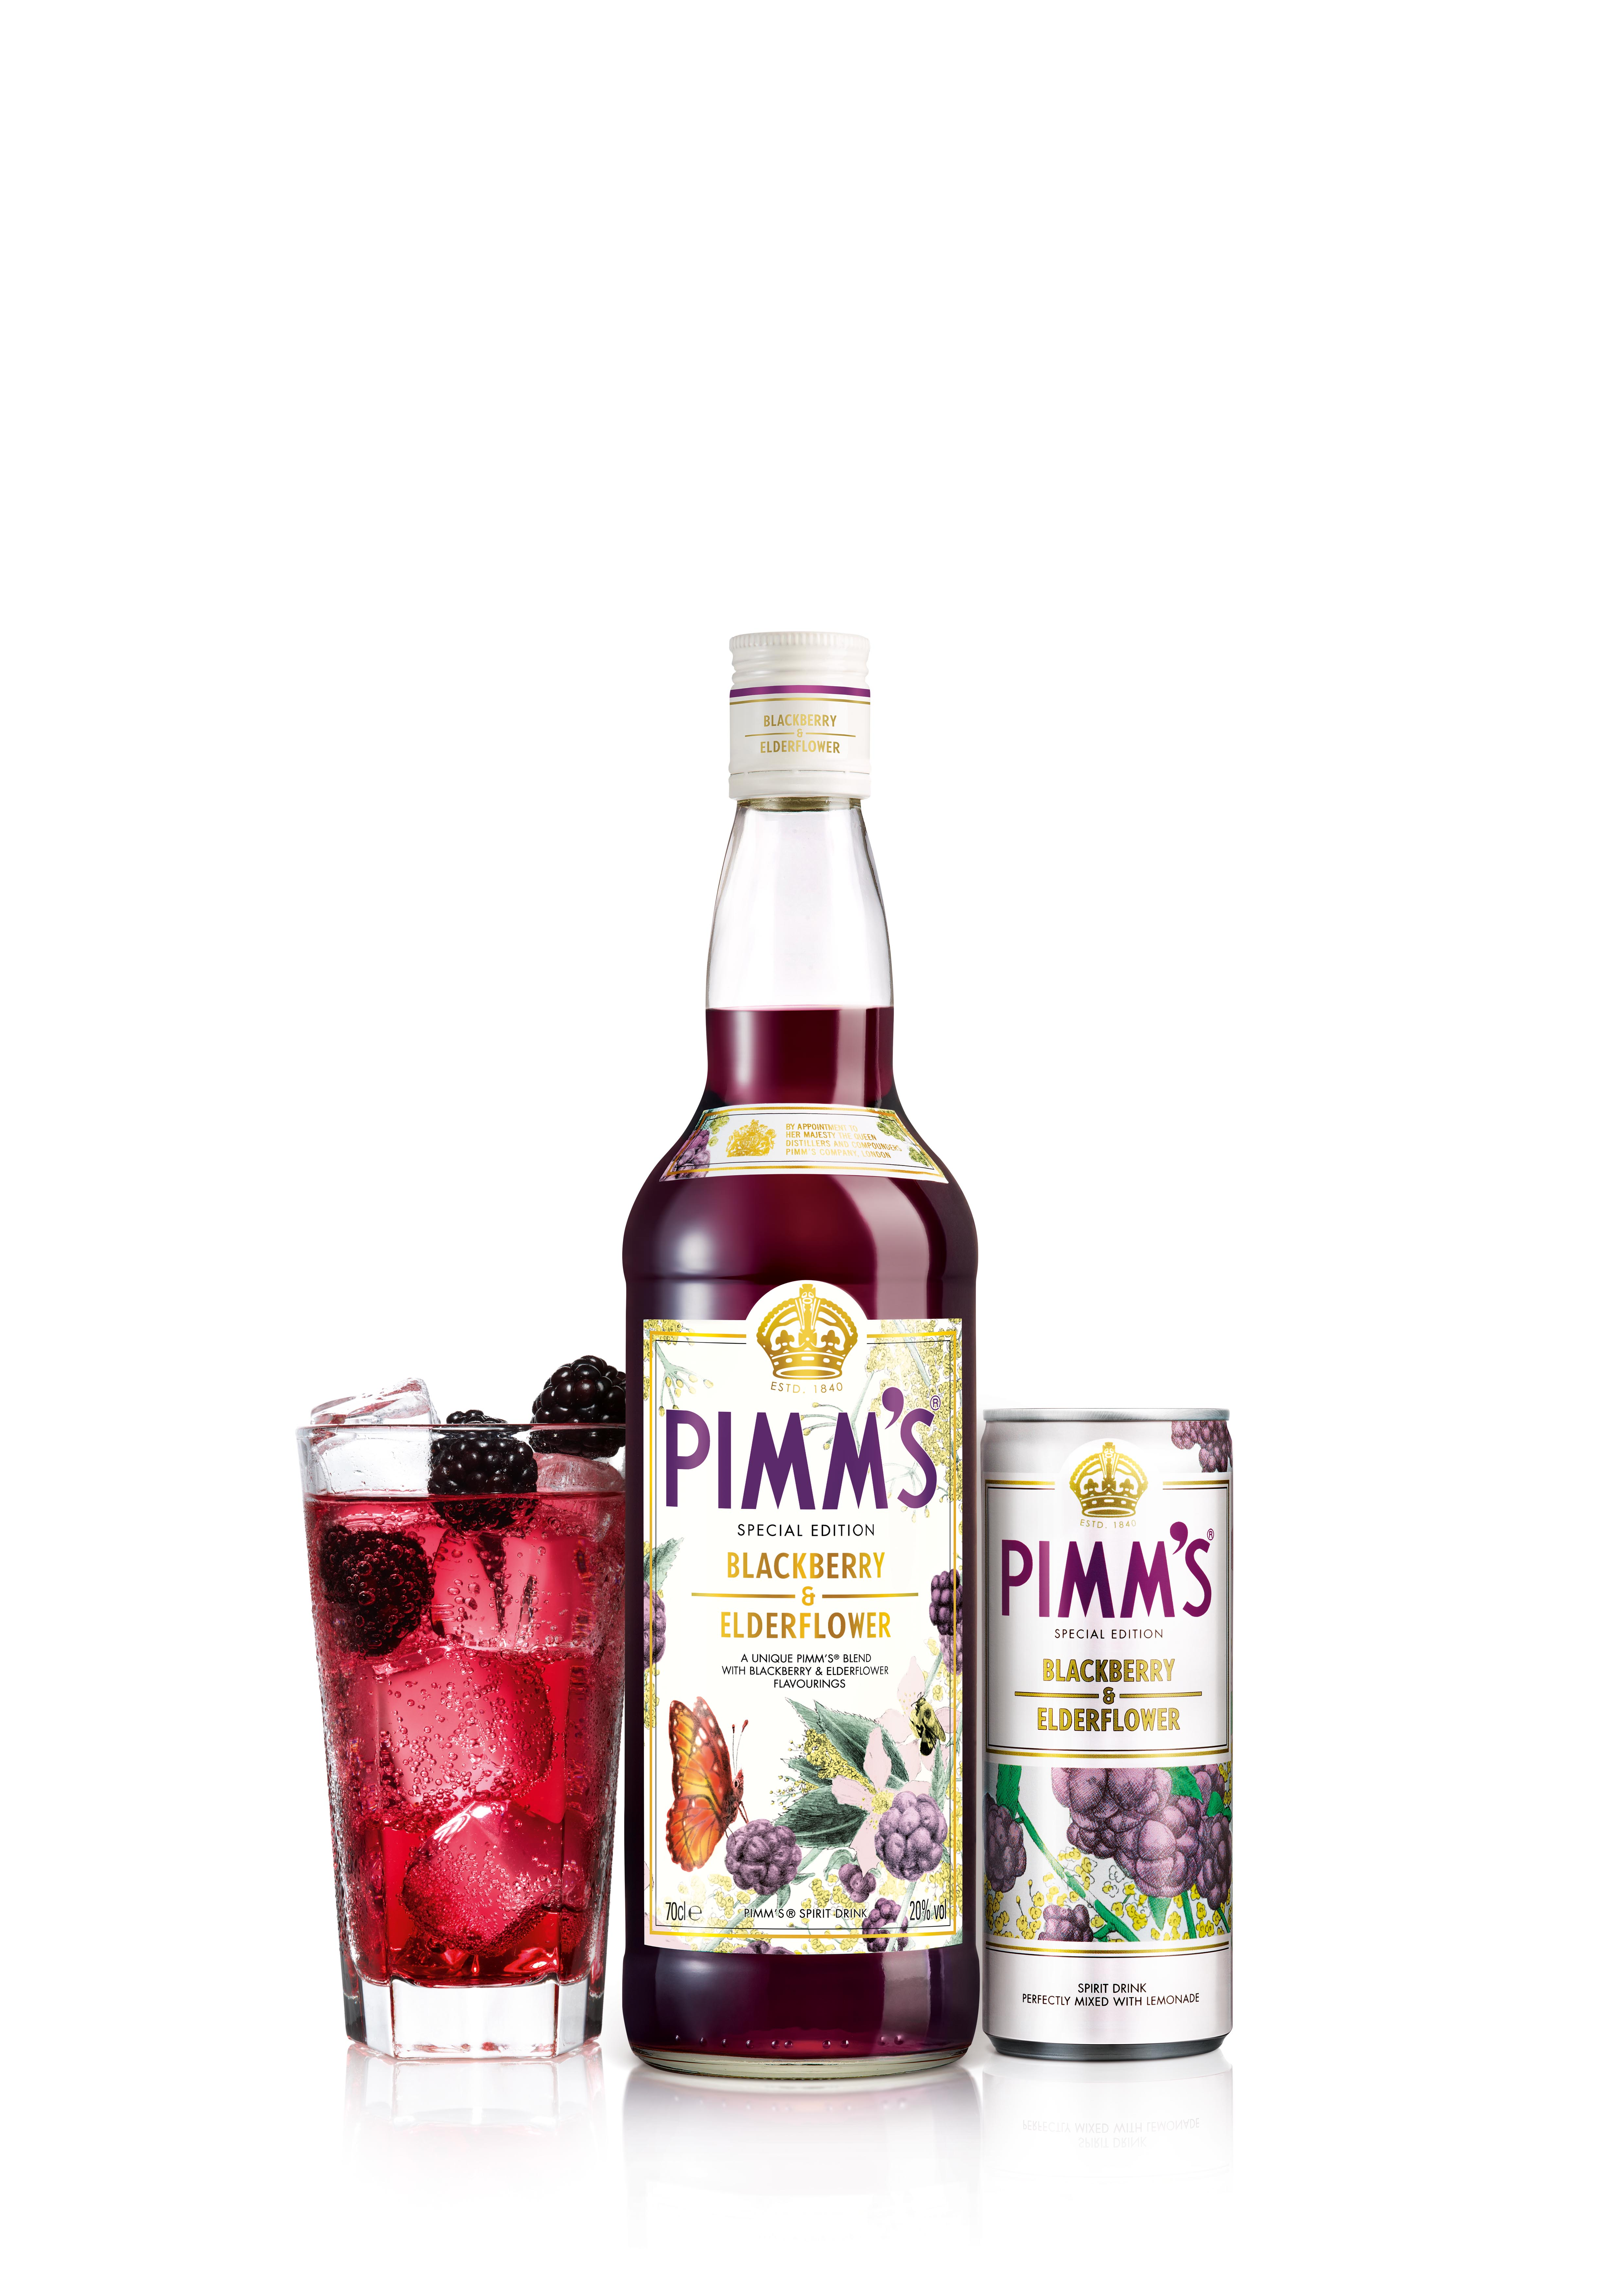 PIMMS LTD EDITION